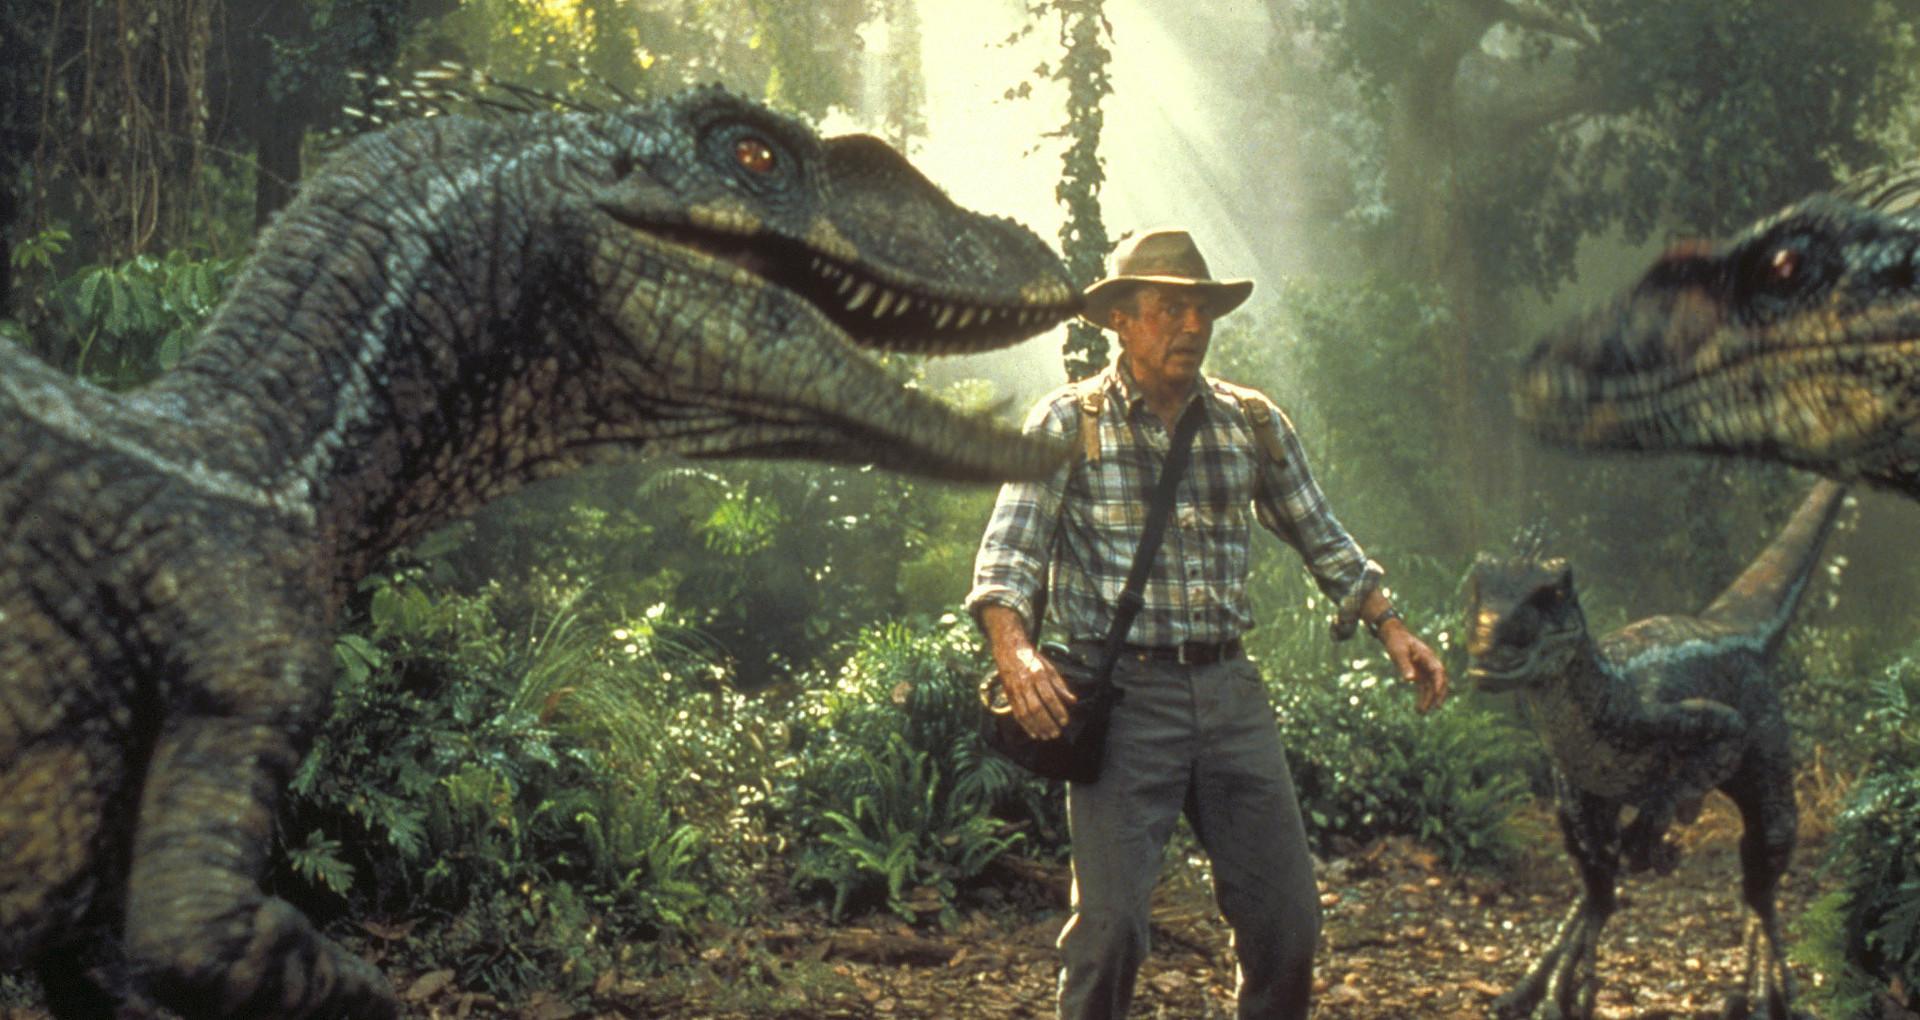 Velociraptor, Jurassic Park ha sbagliato: non cacciavano in branco secondo uno studio